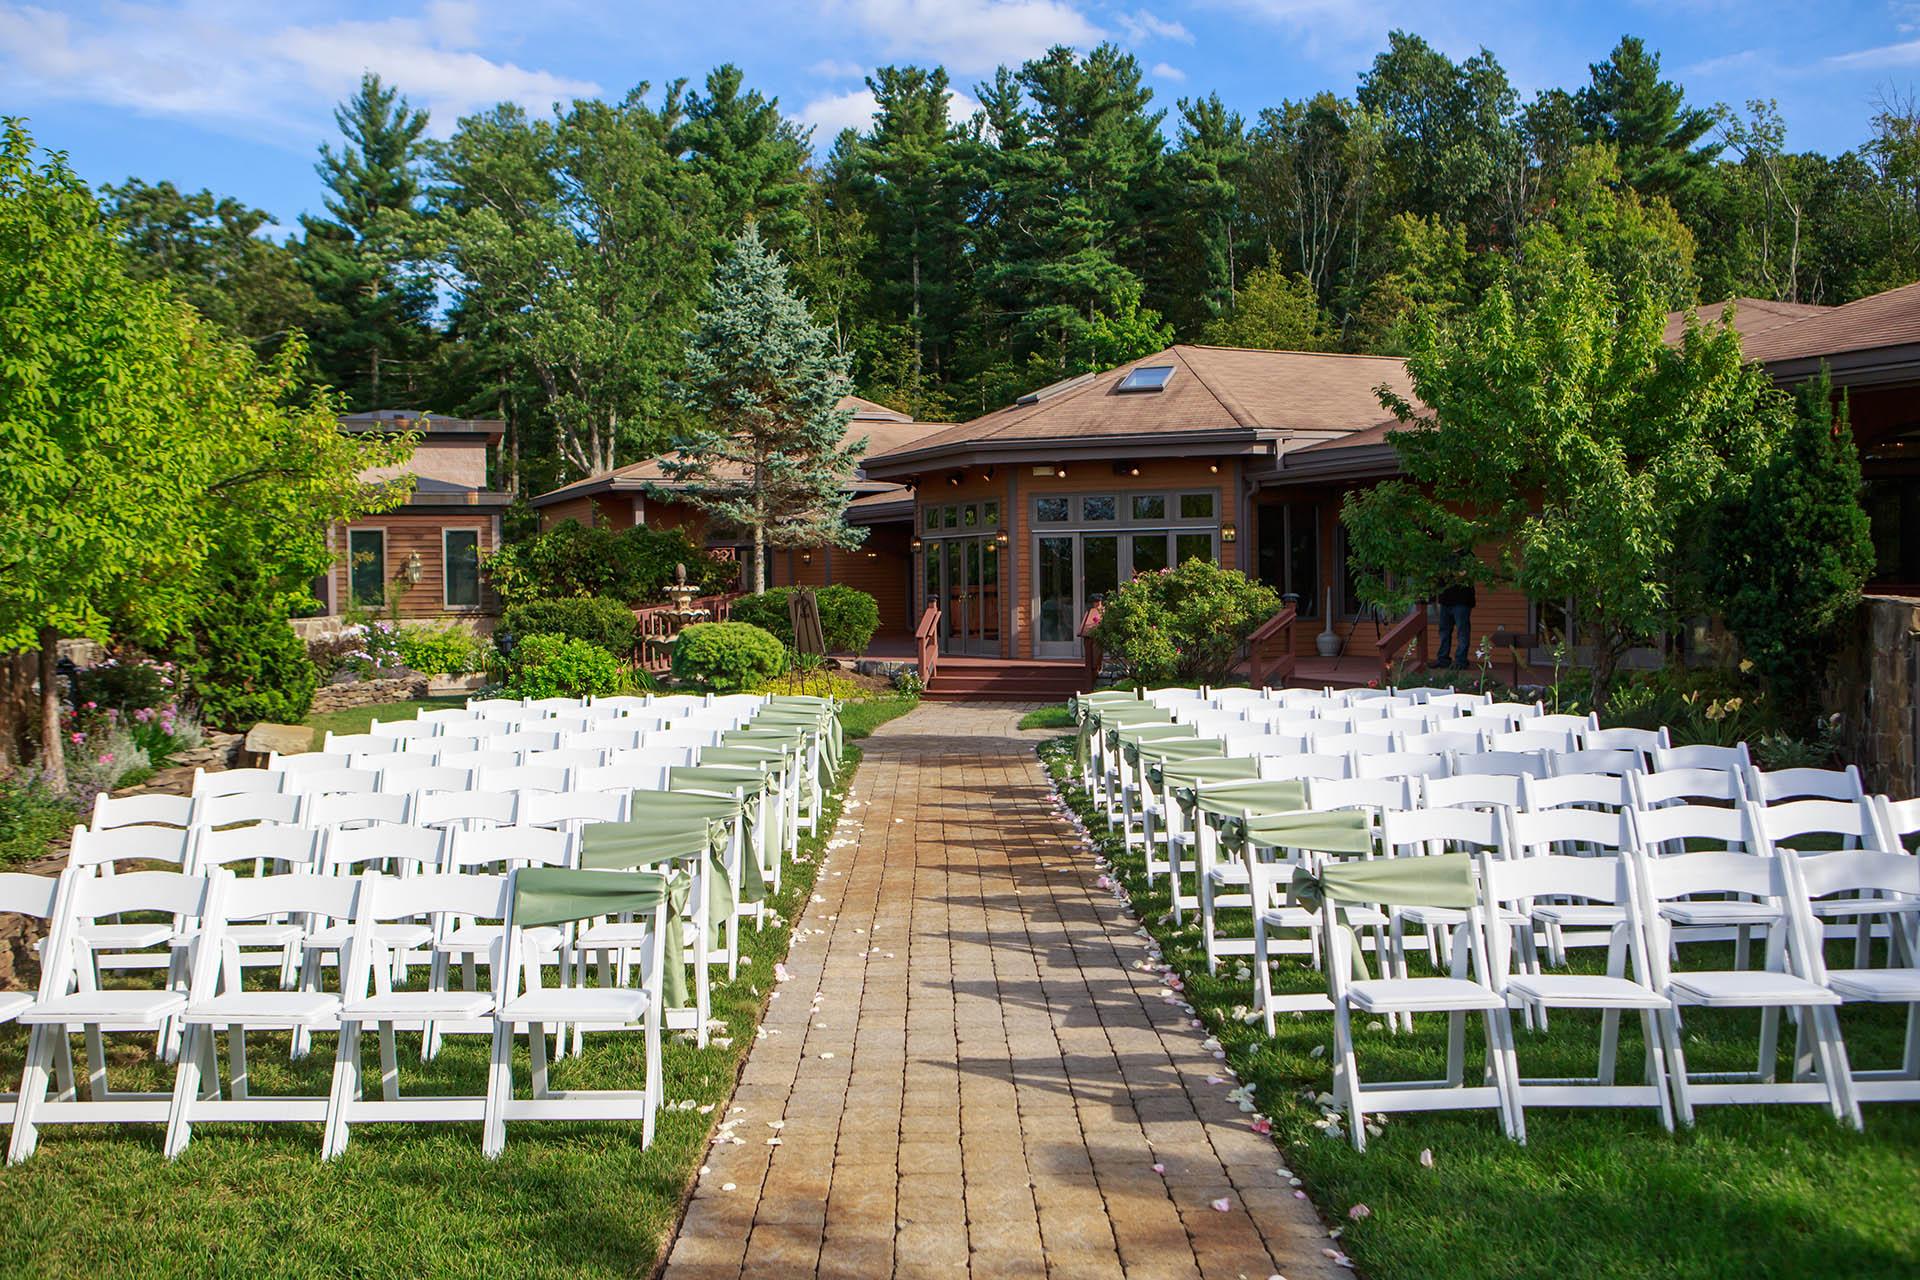 Beau Outdoor Weddings Ceremony At Wedgewood Weddings Granite Rose, Hampstead, NH